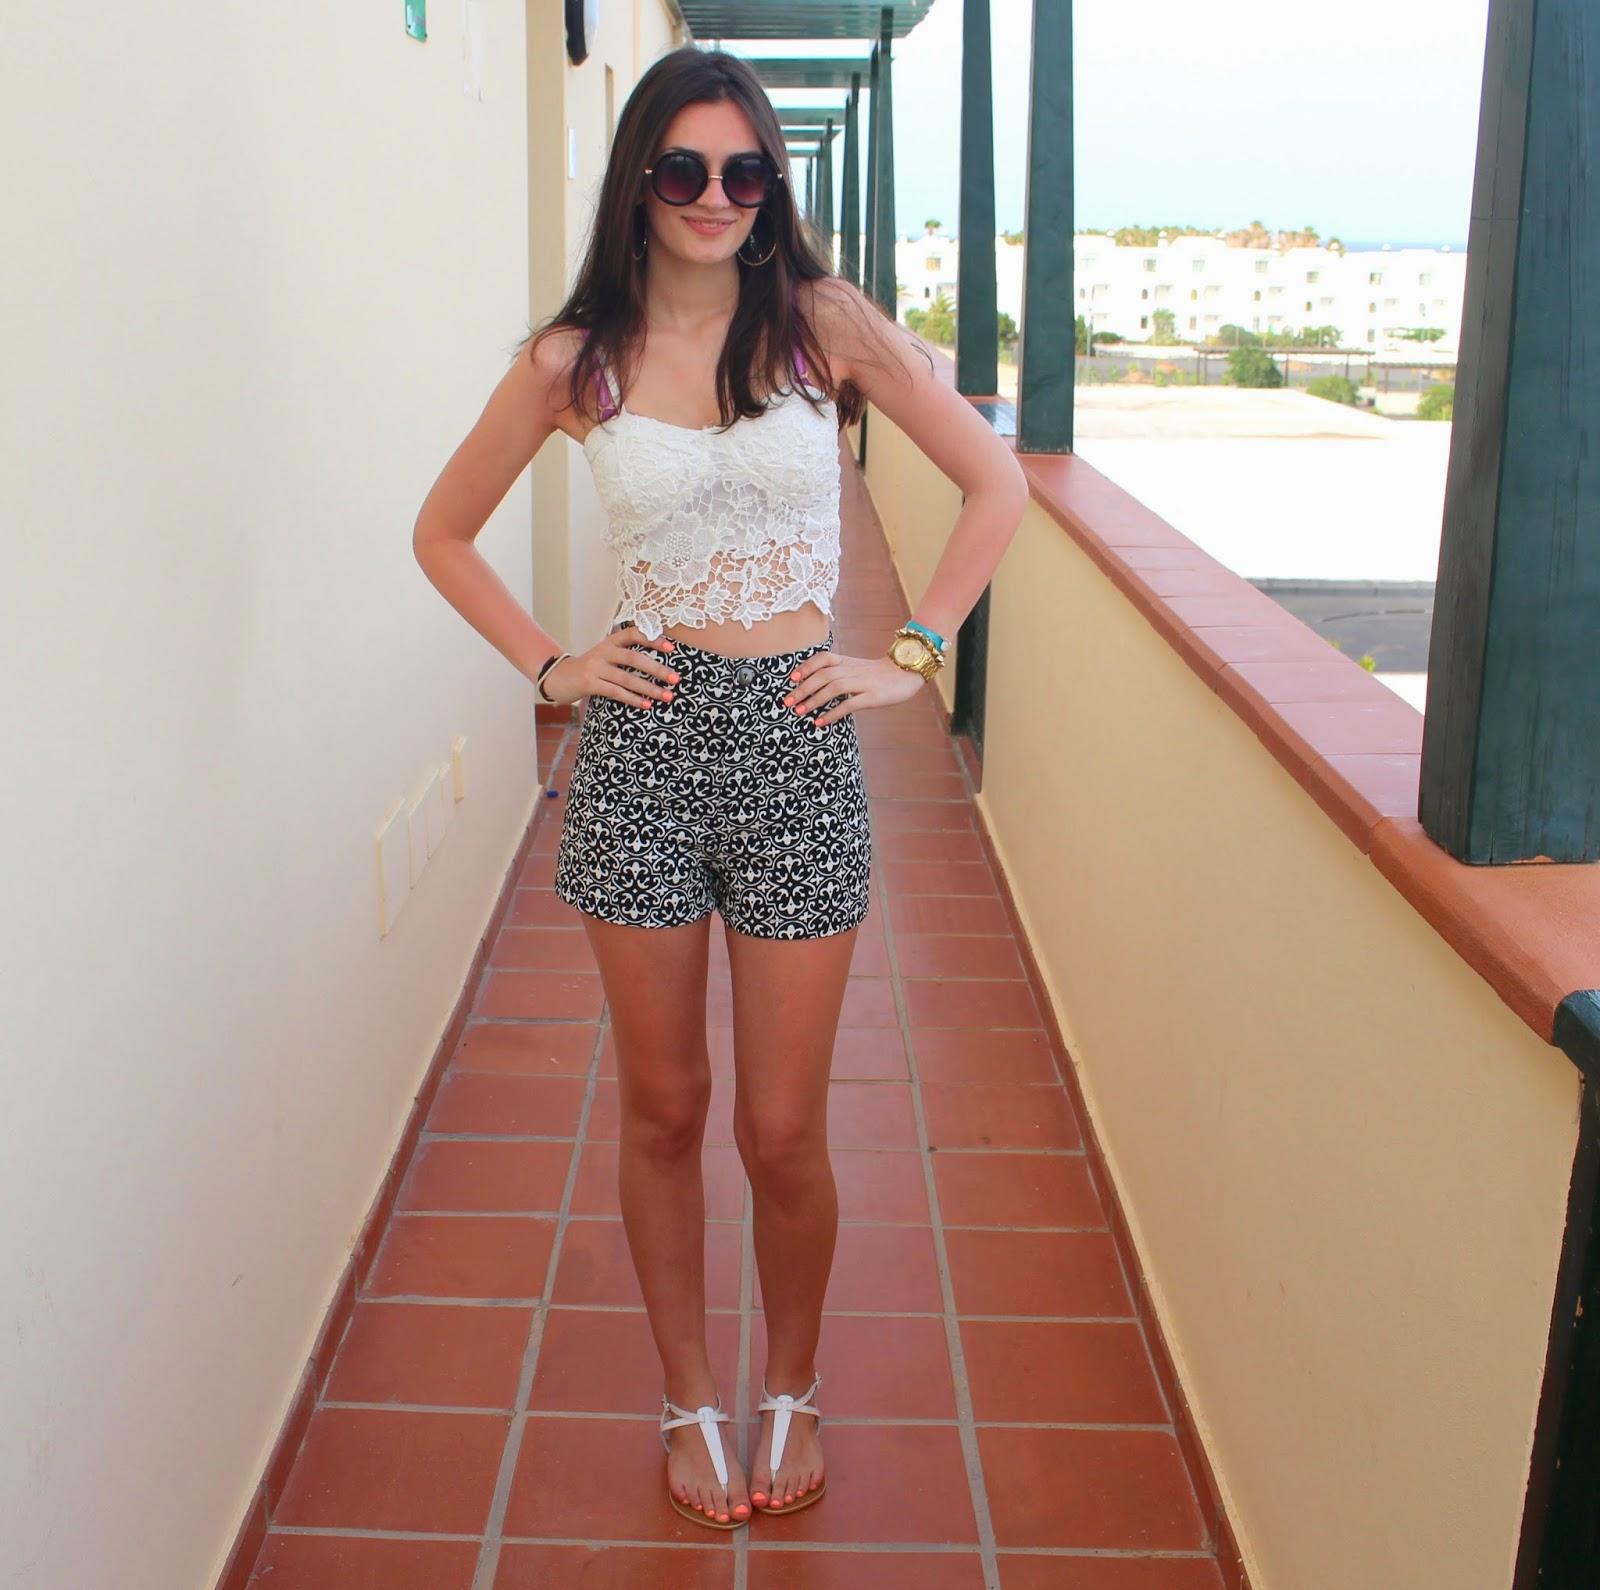 Lanzarote Lookbook: Day 3